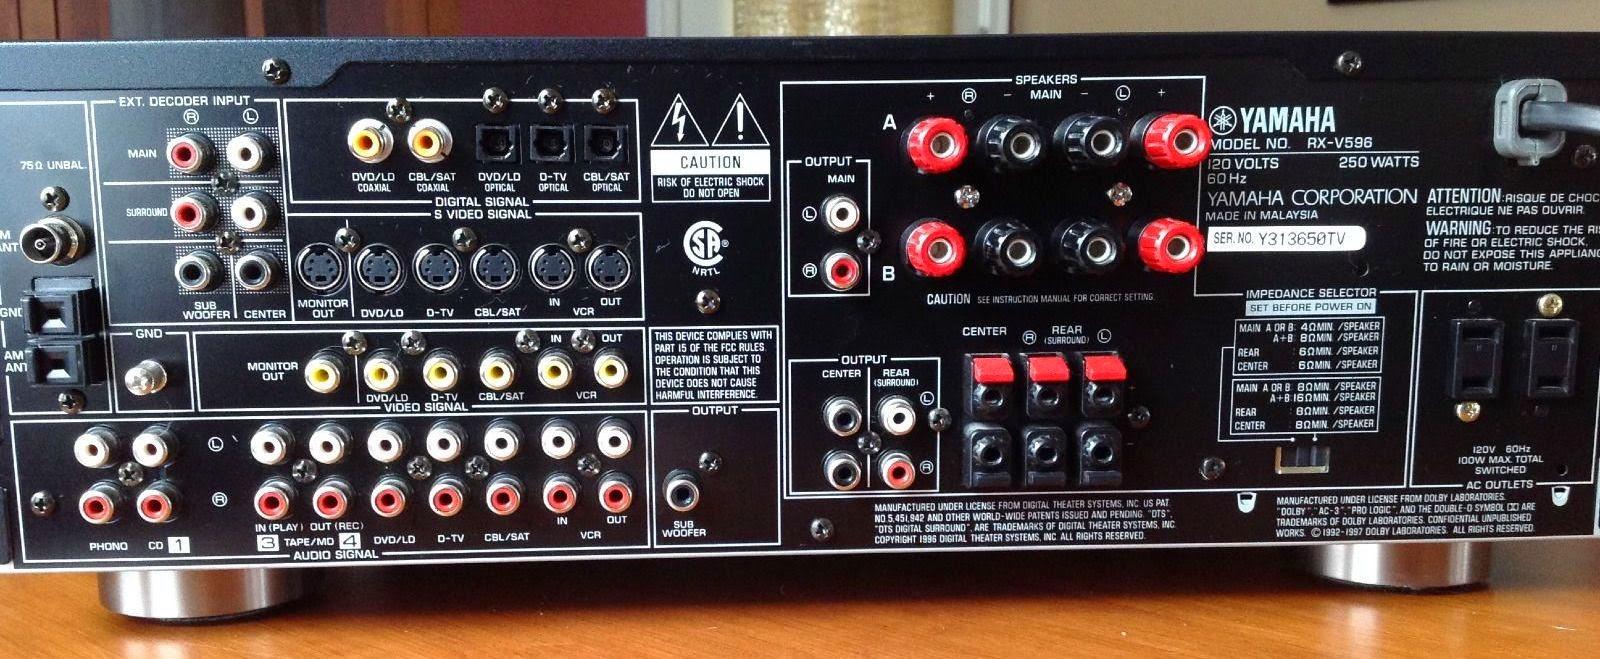 yamaha rx v596 av receiver audiobaza. Black Bedroom Furniture Sets. Home Design Ideas